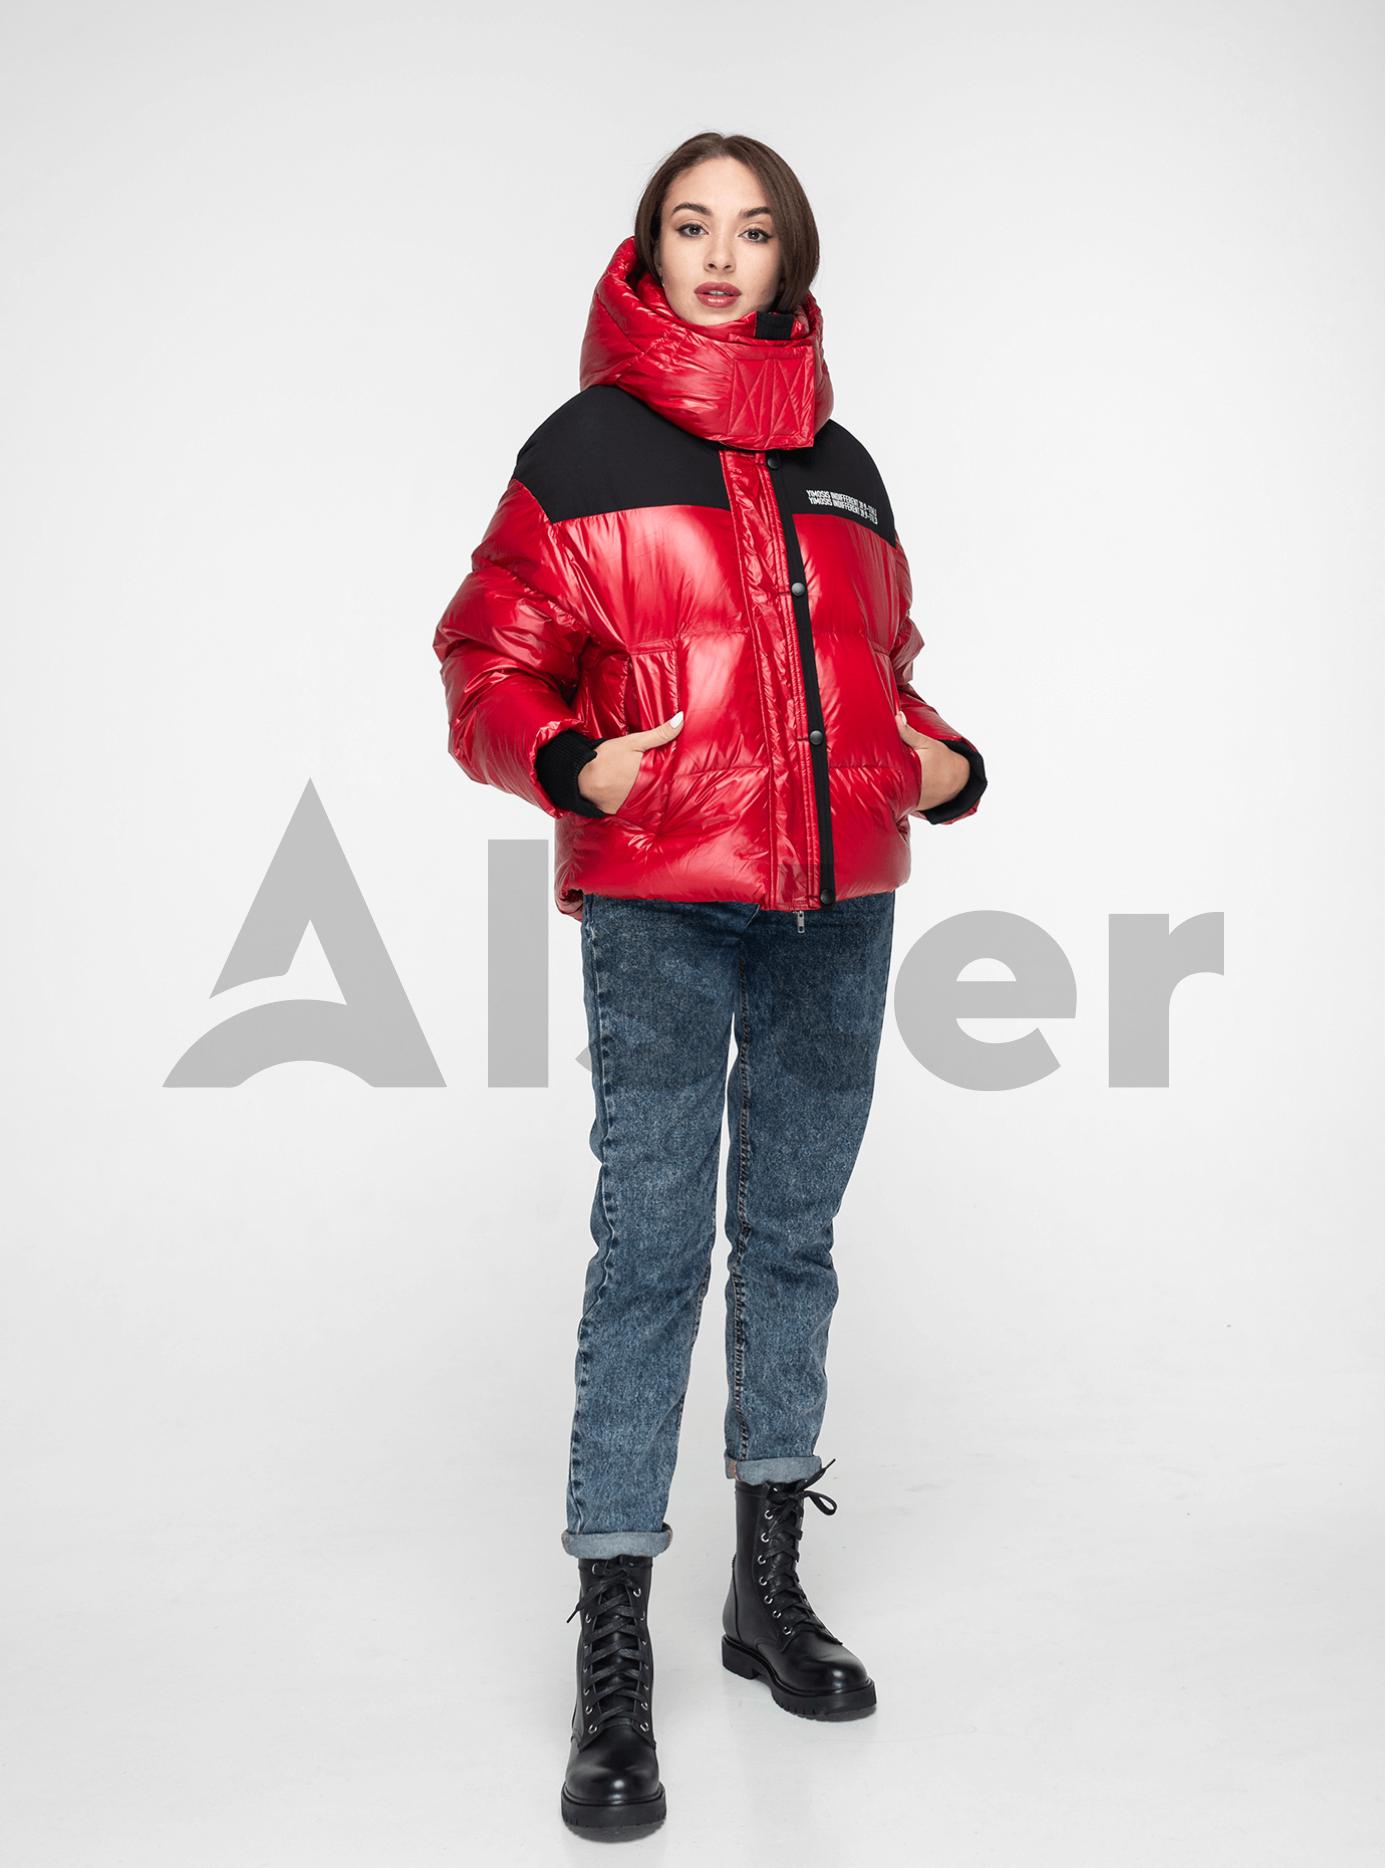 Пуховик женский короткий с капюшоном Красный M (02-Y191119): фото - Alster.ua